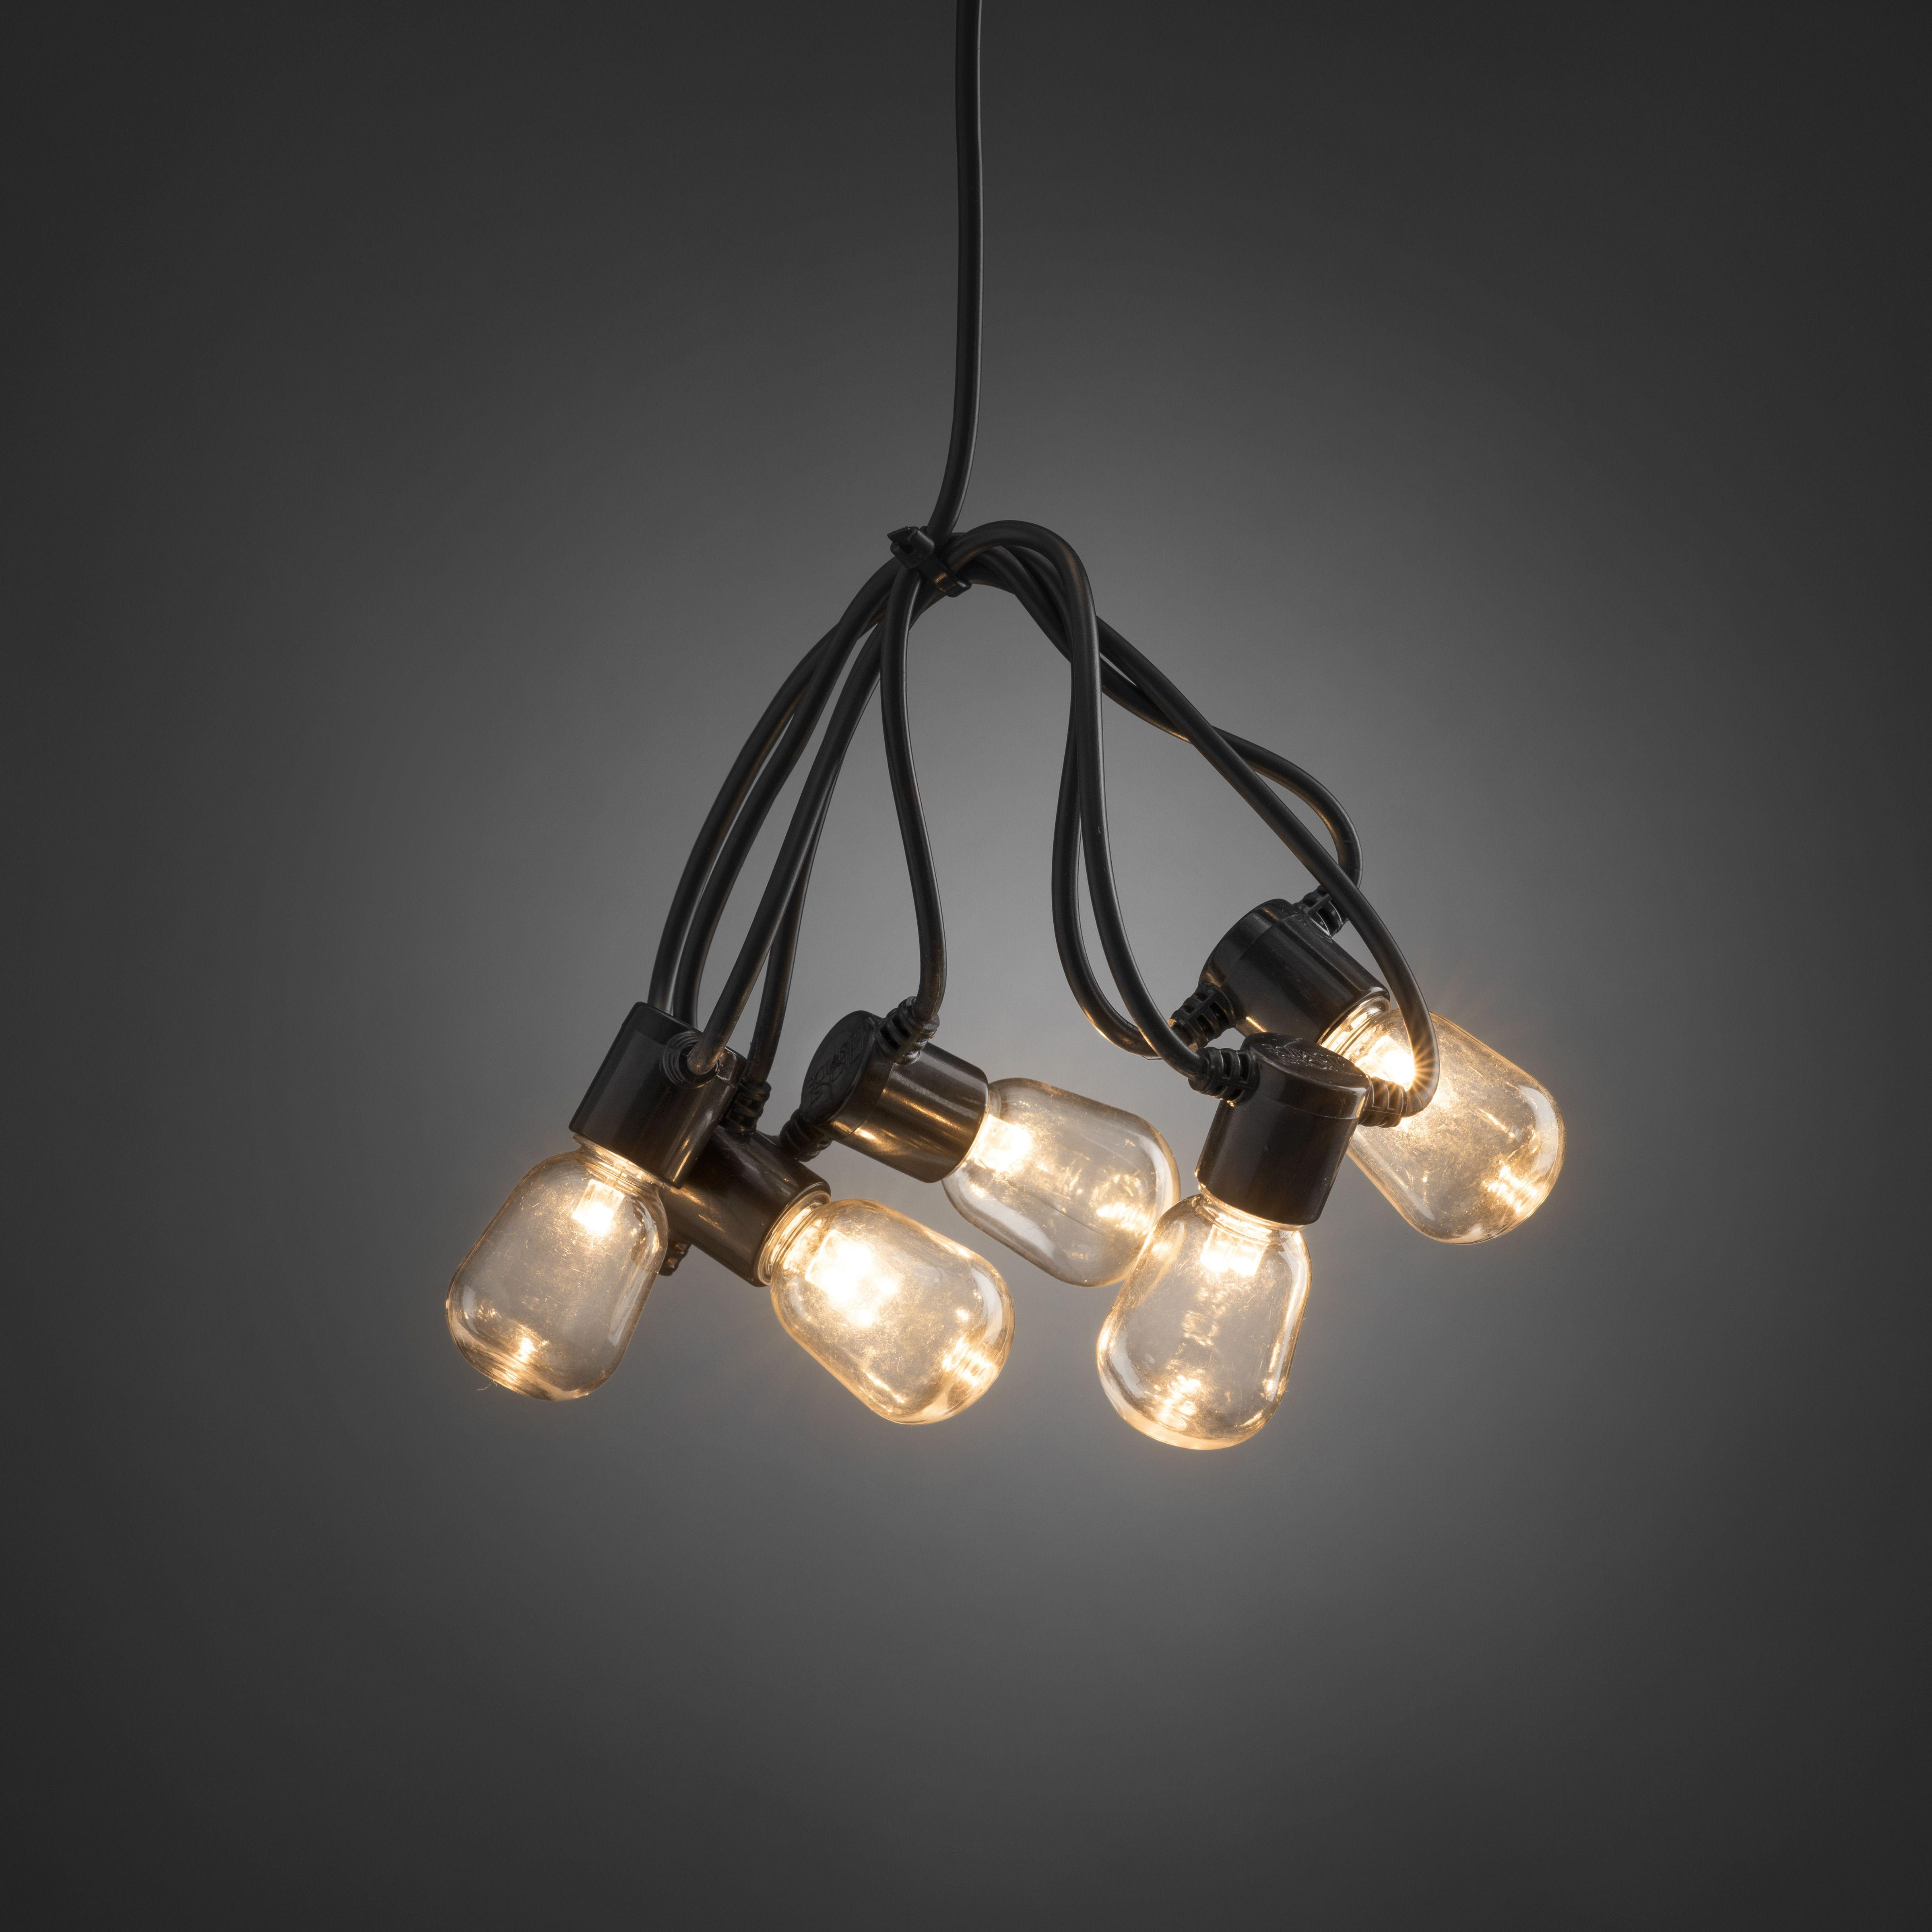 Feestverlichting Lichtsnoer 20 Led Lampen Extra Warm Wit Kopen Feestverlichting Karwei Feestverlichting Led Lamp Led